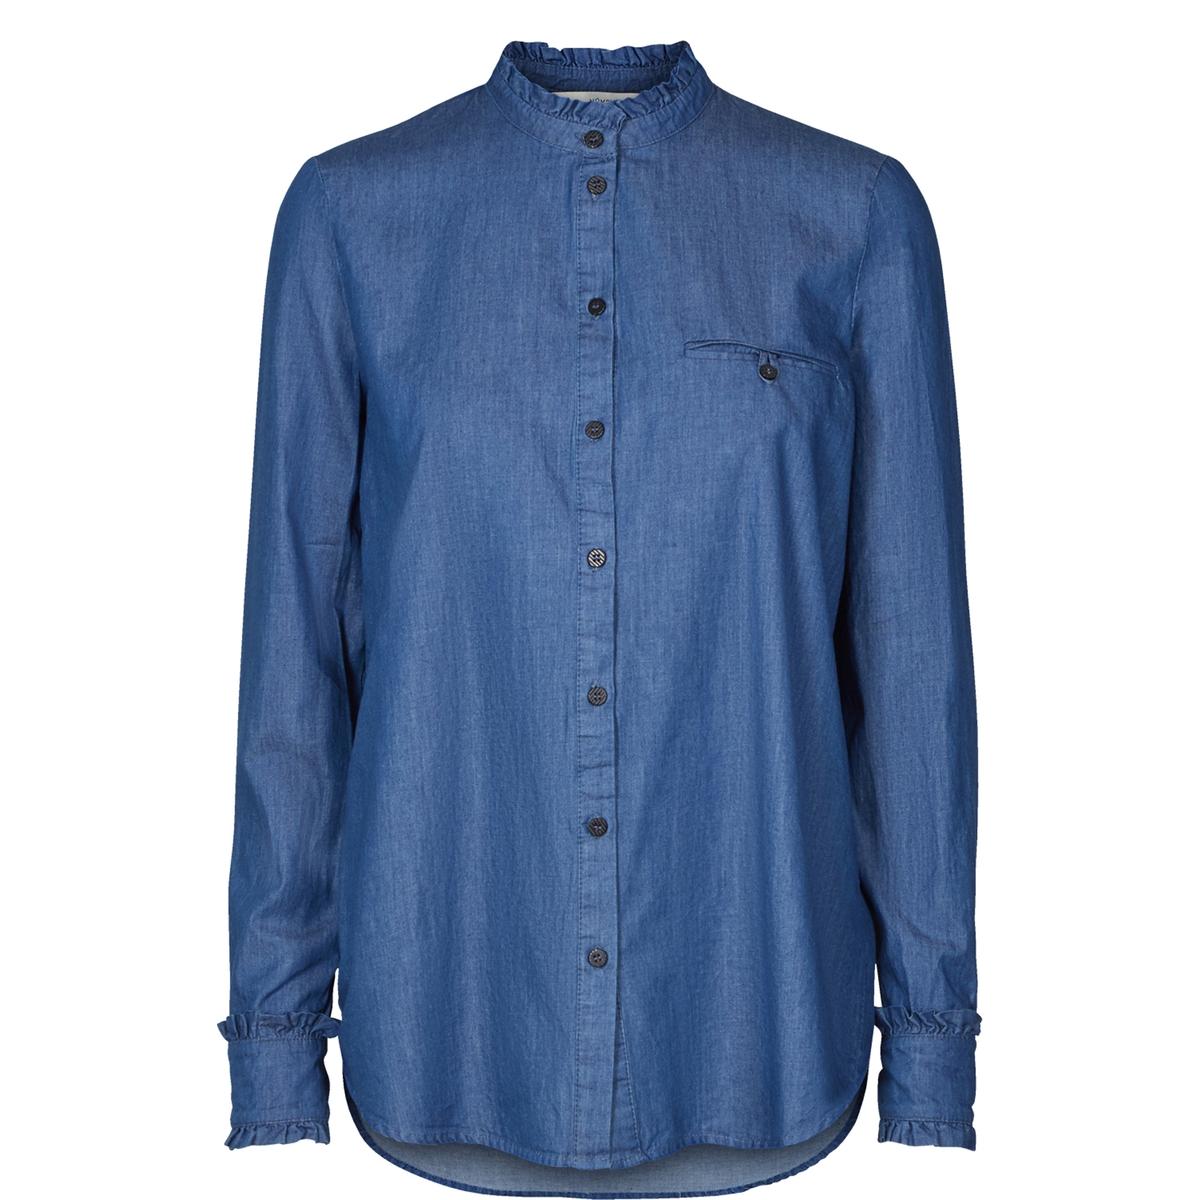 Рубашка из легкого денима с воротником-стойкойДетали  •  Длинные рукава •  Прямой покрой  •  Воротник-стойкаСостав и уход  •  100% хлопок •  Следуйте советам по уходу, указанным на этикетке<br><br>Цвет: голубой<br>Размер: 40 (FR) - 46 (RUS)